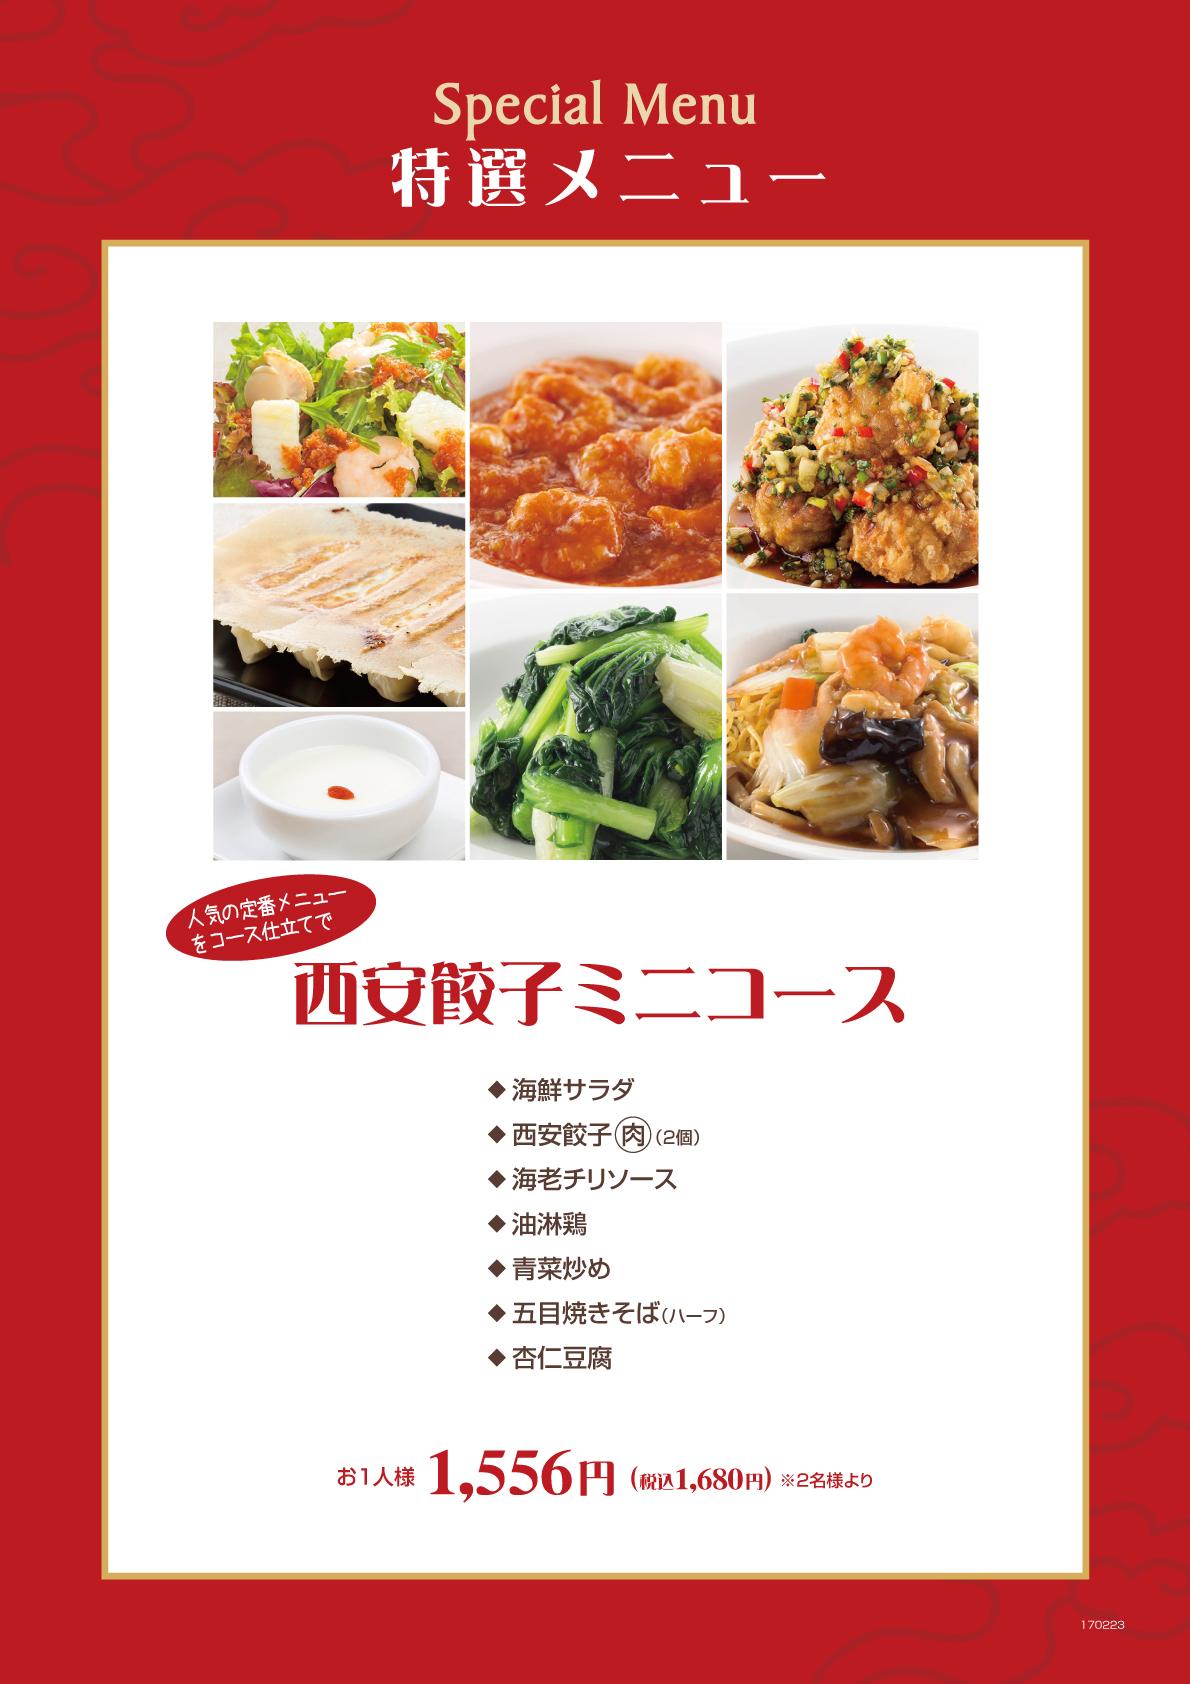 Special Menu 西安餃子ミニコースの画像